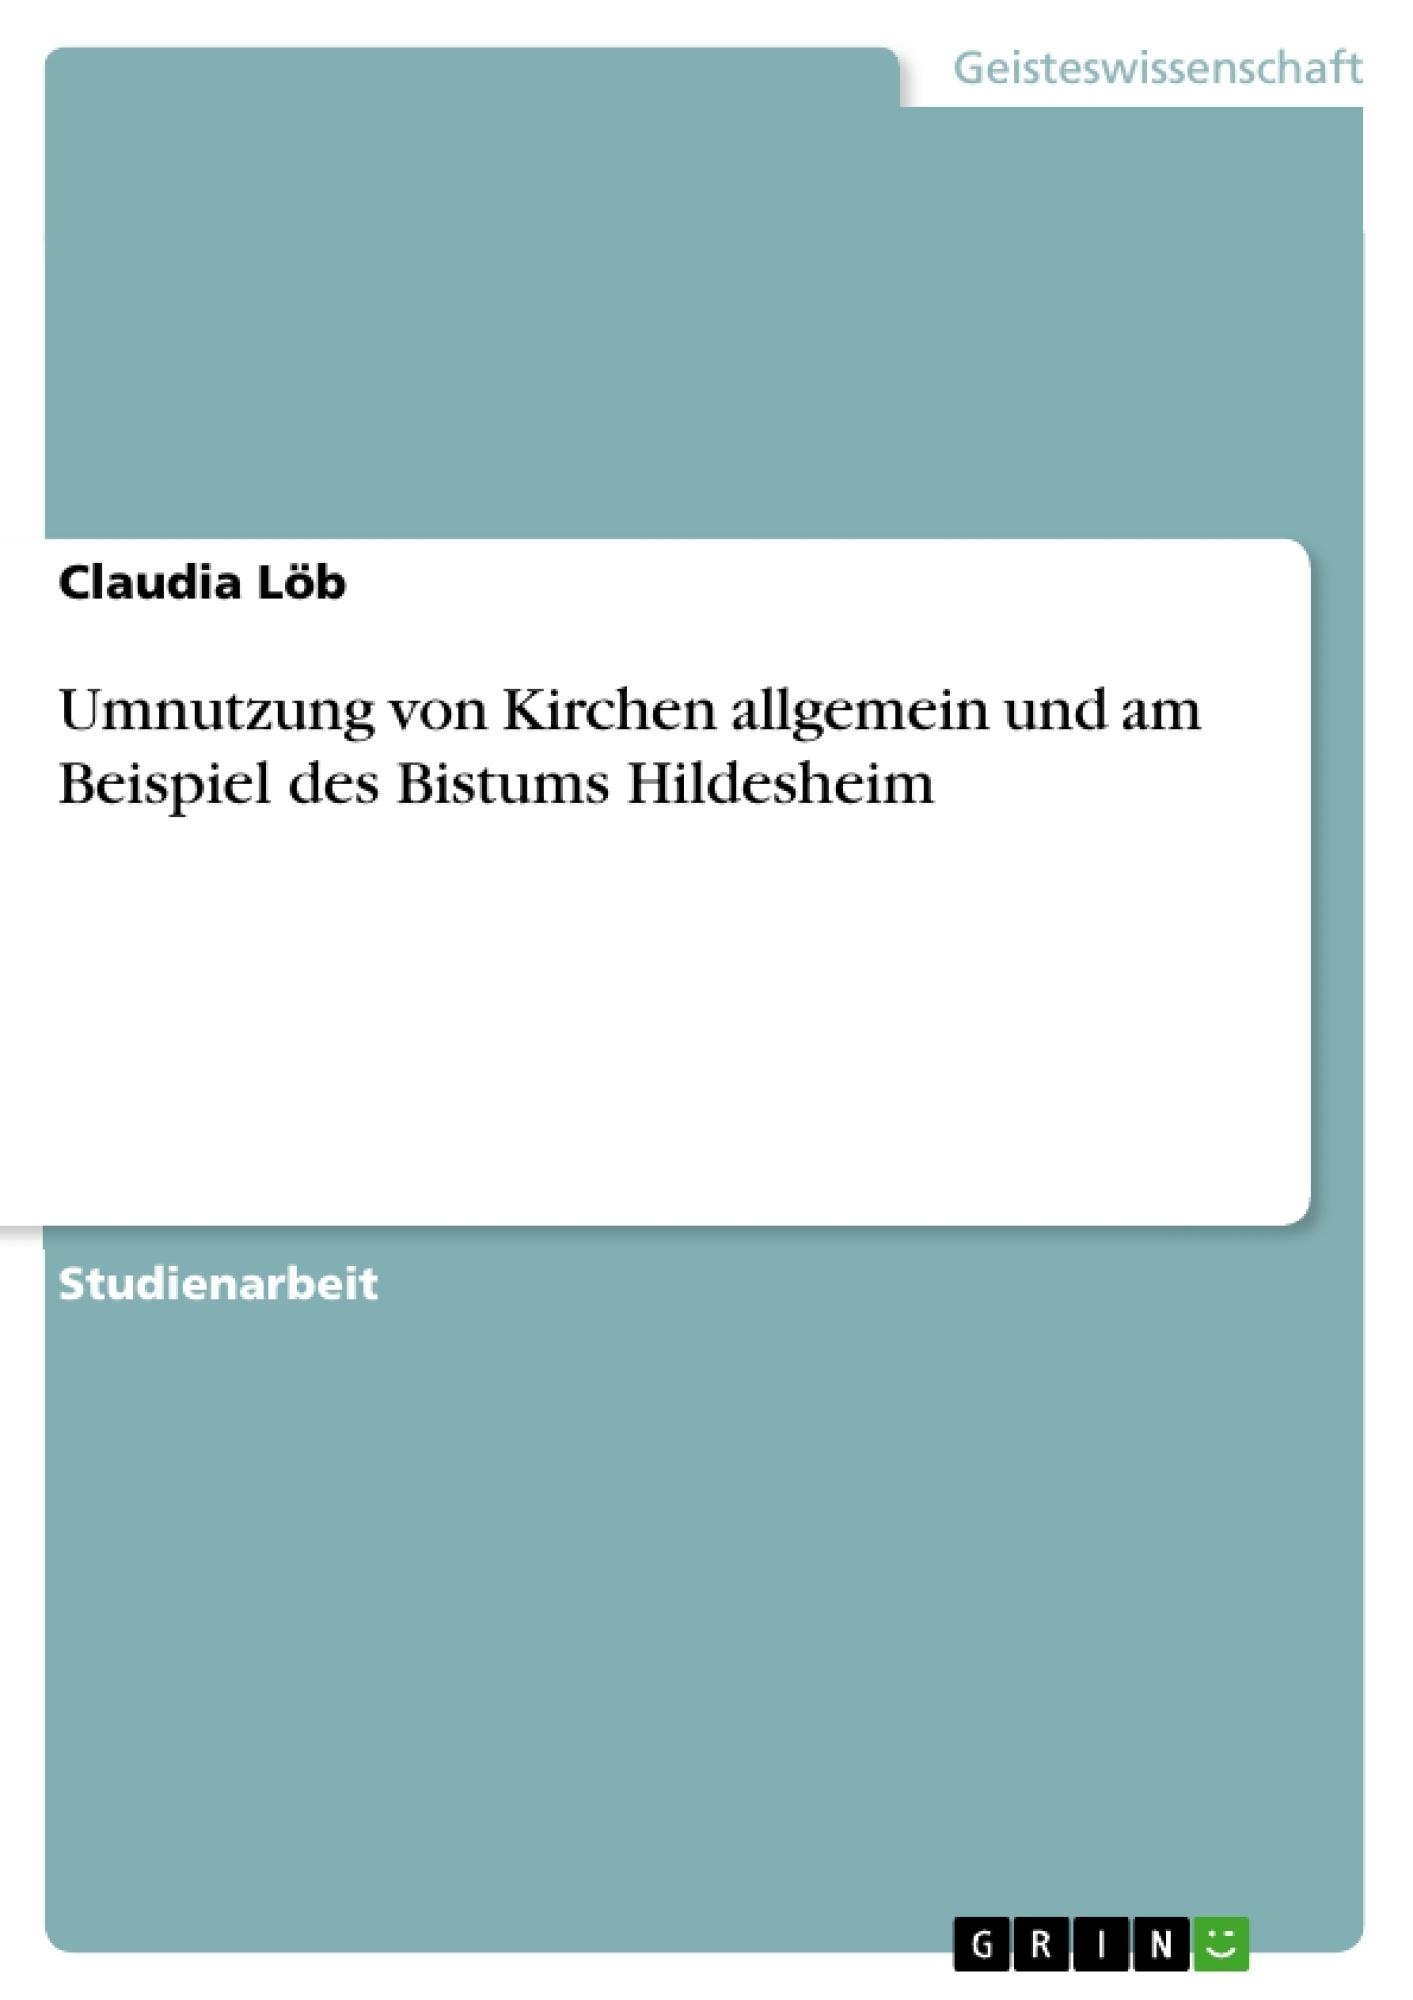 Titel: Umnutzung von Kirchen allgemein und am Beispiel des Bistums Hildesheim